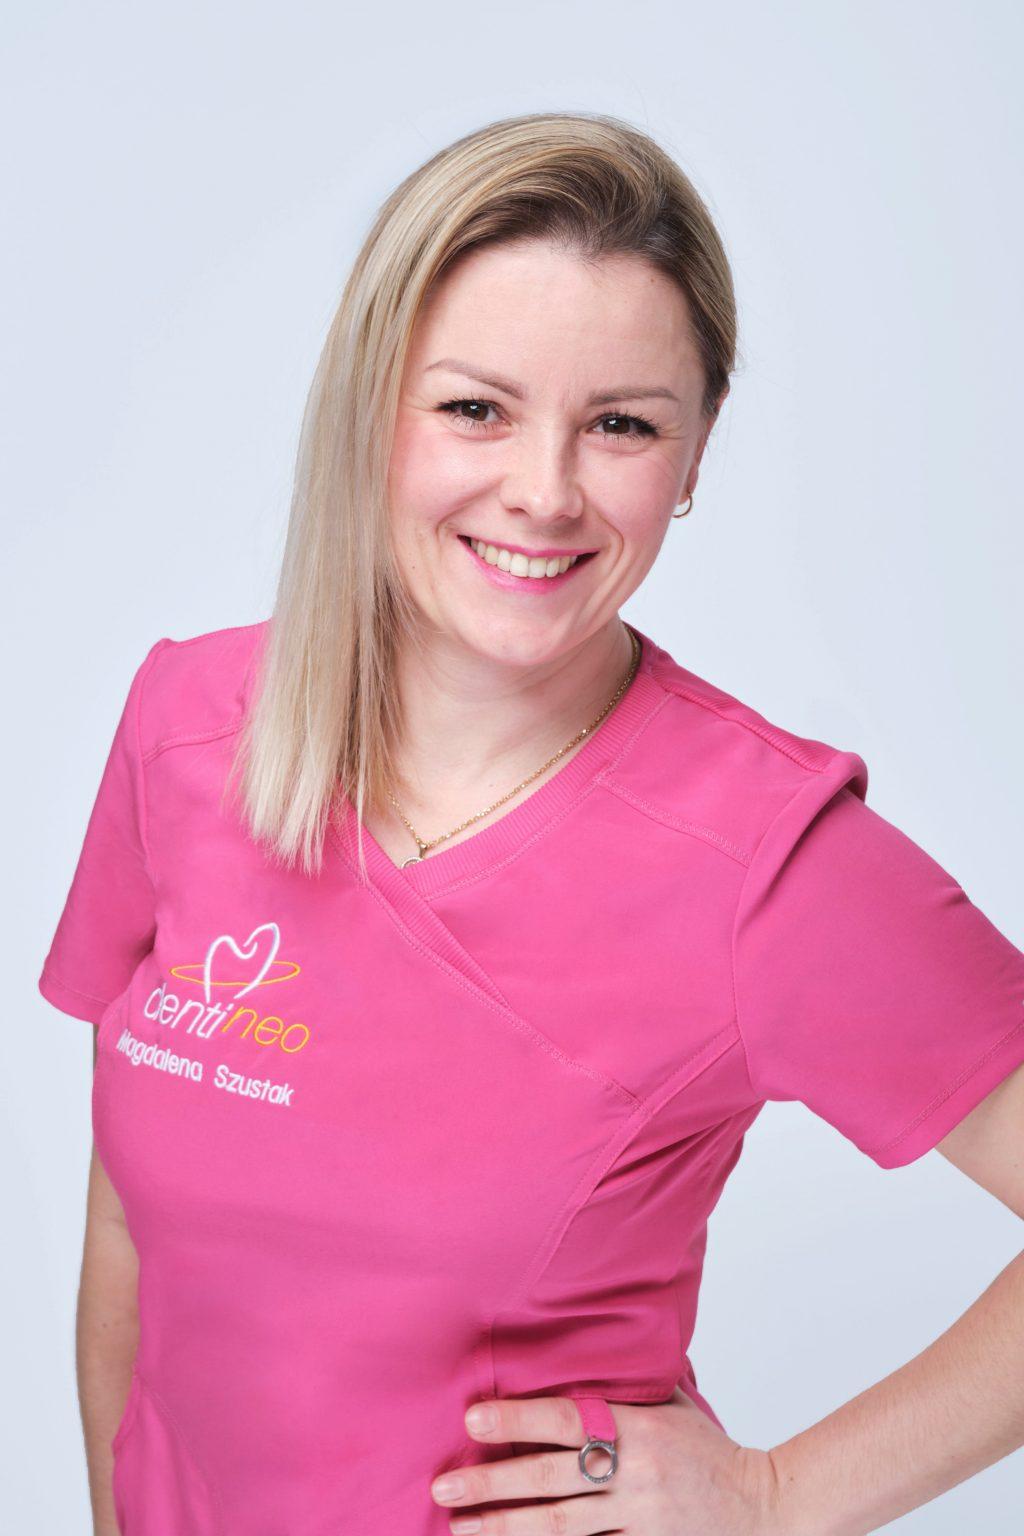 Magdalena Szustak